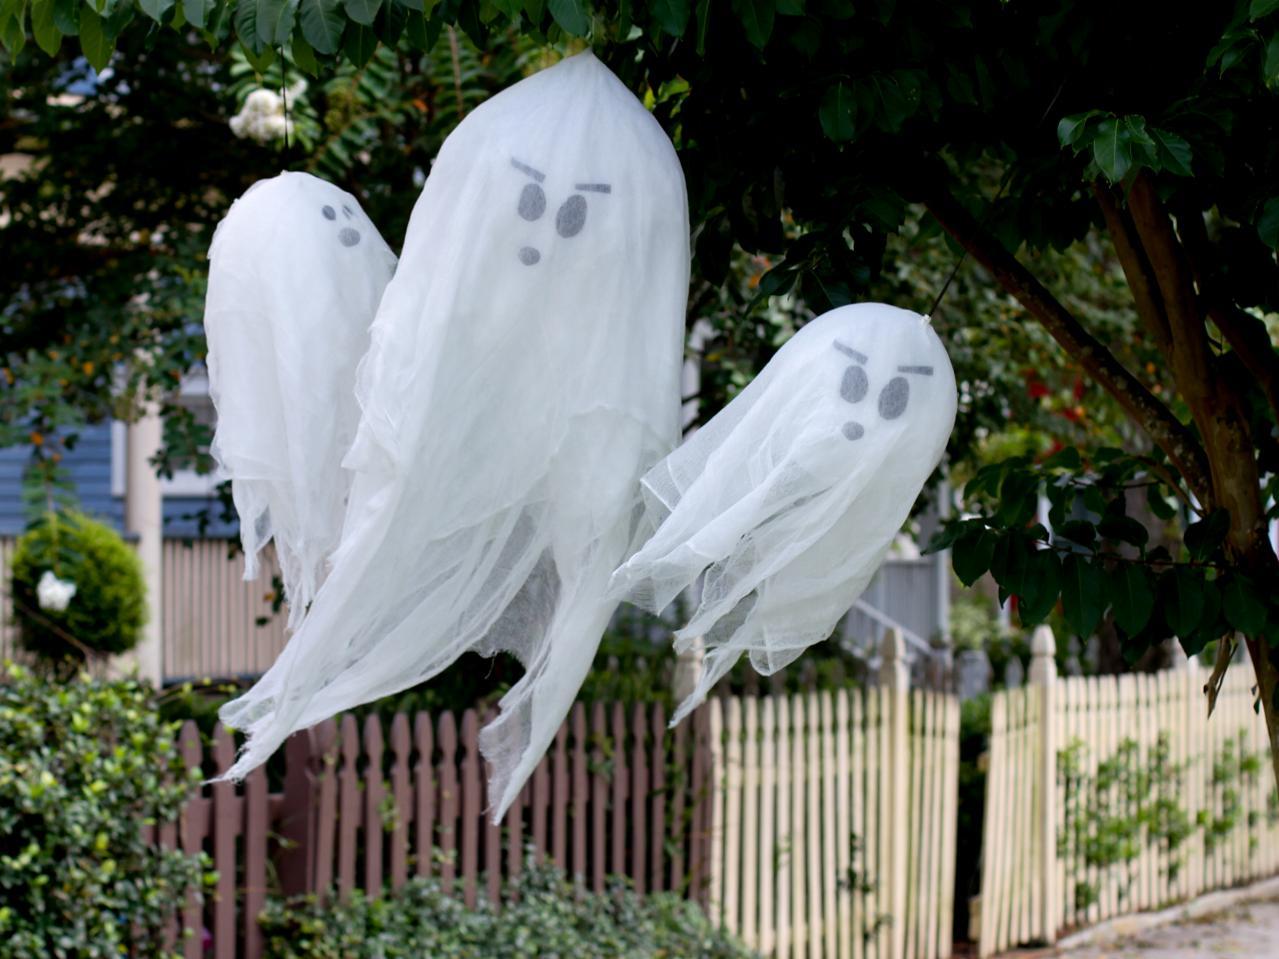 ghosts - Outdoor Halloween Decor